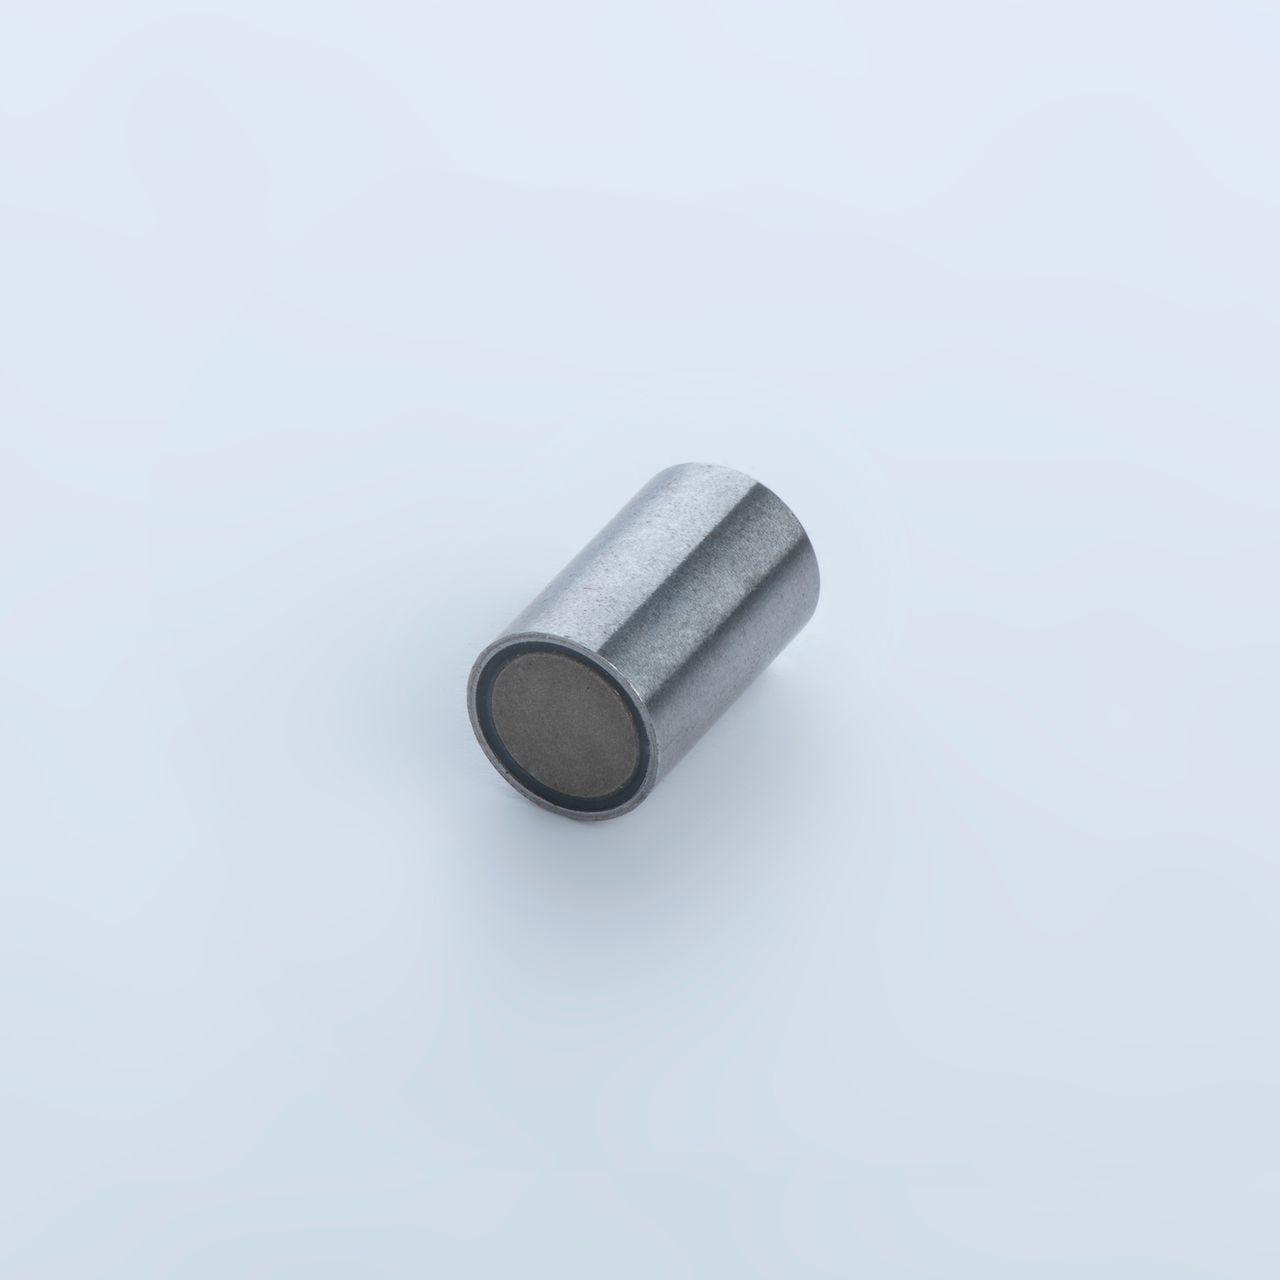 Bar holding magnet made of SmCo, steel housing with fit tolerance h6, thyssenkrupp Magnettechnik